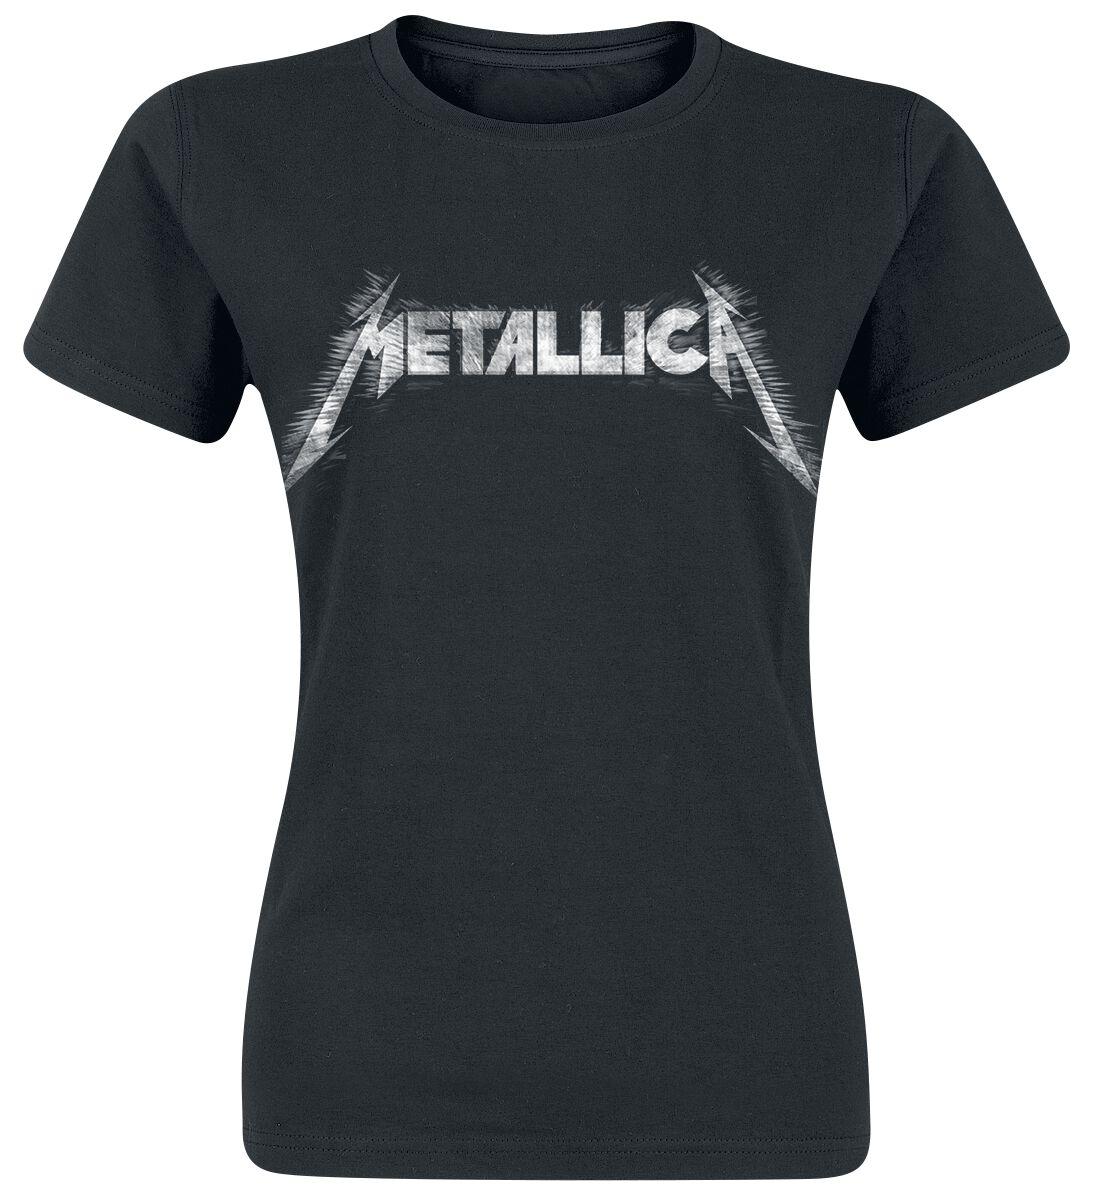 Metallica Spiked Koszulka damska czarny